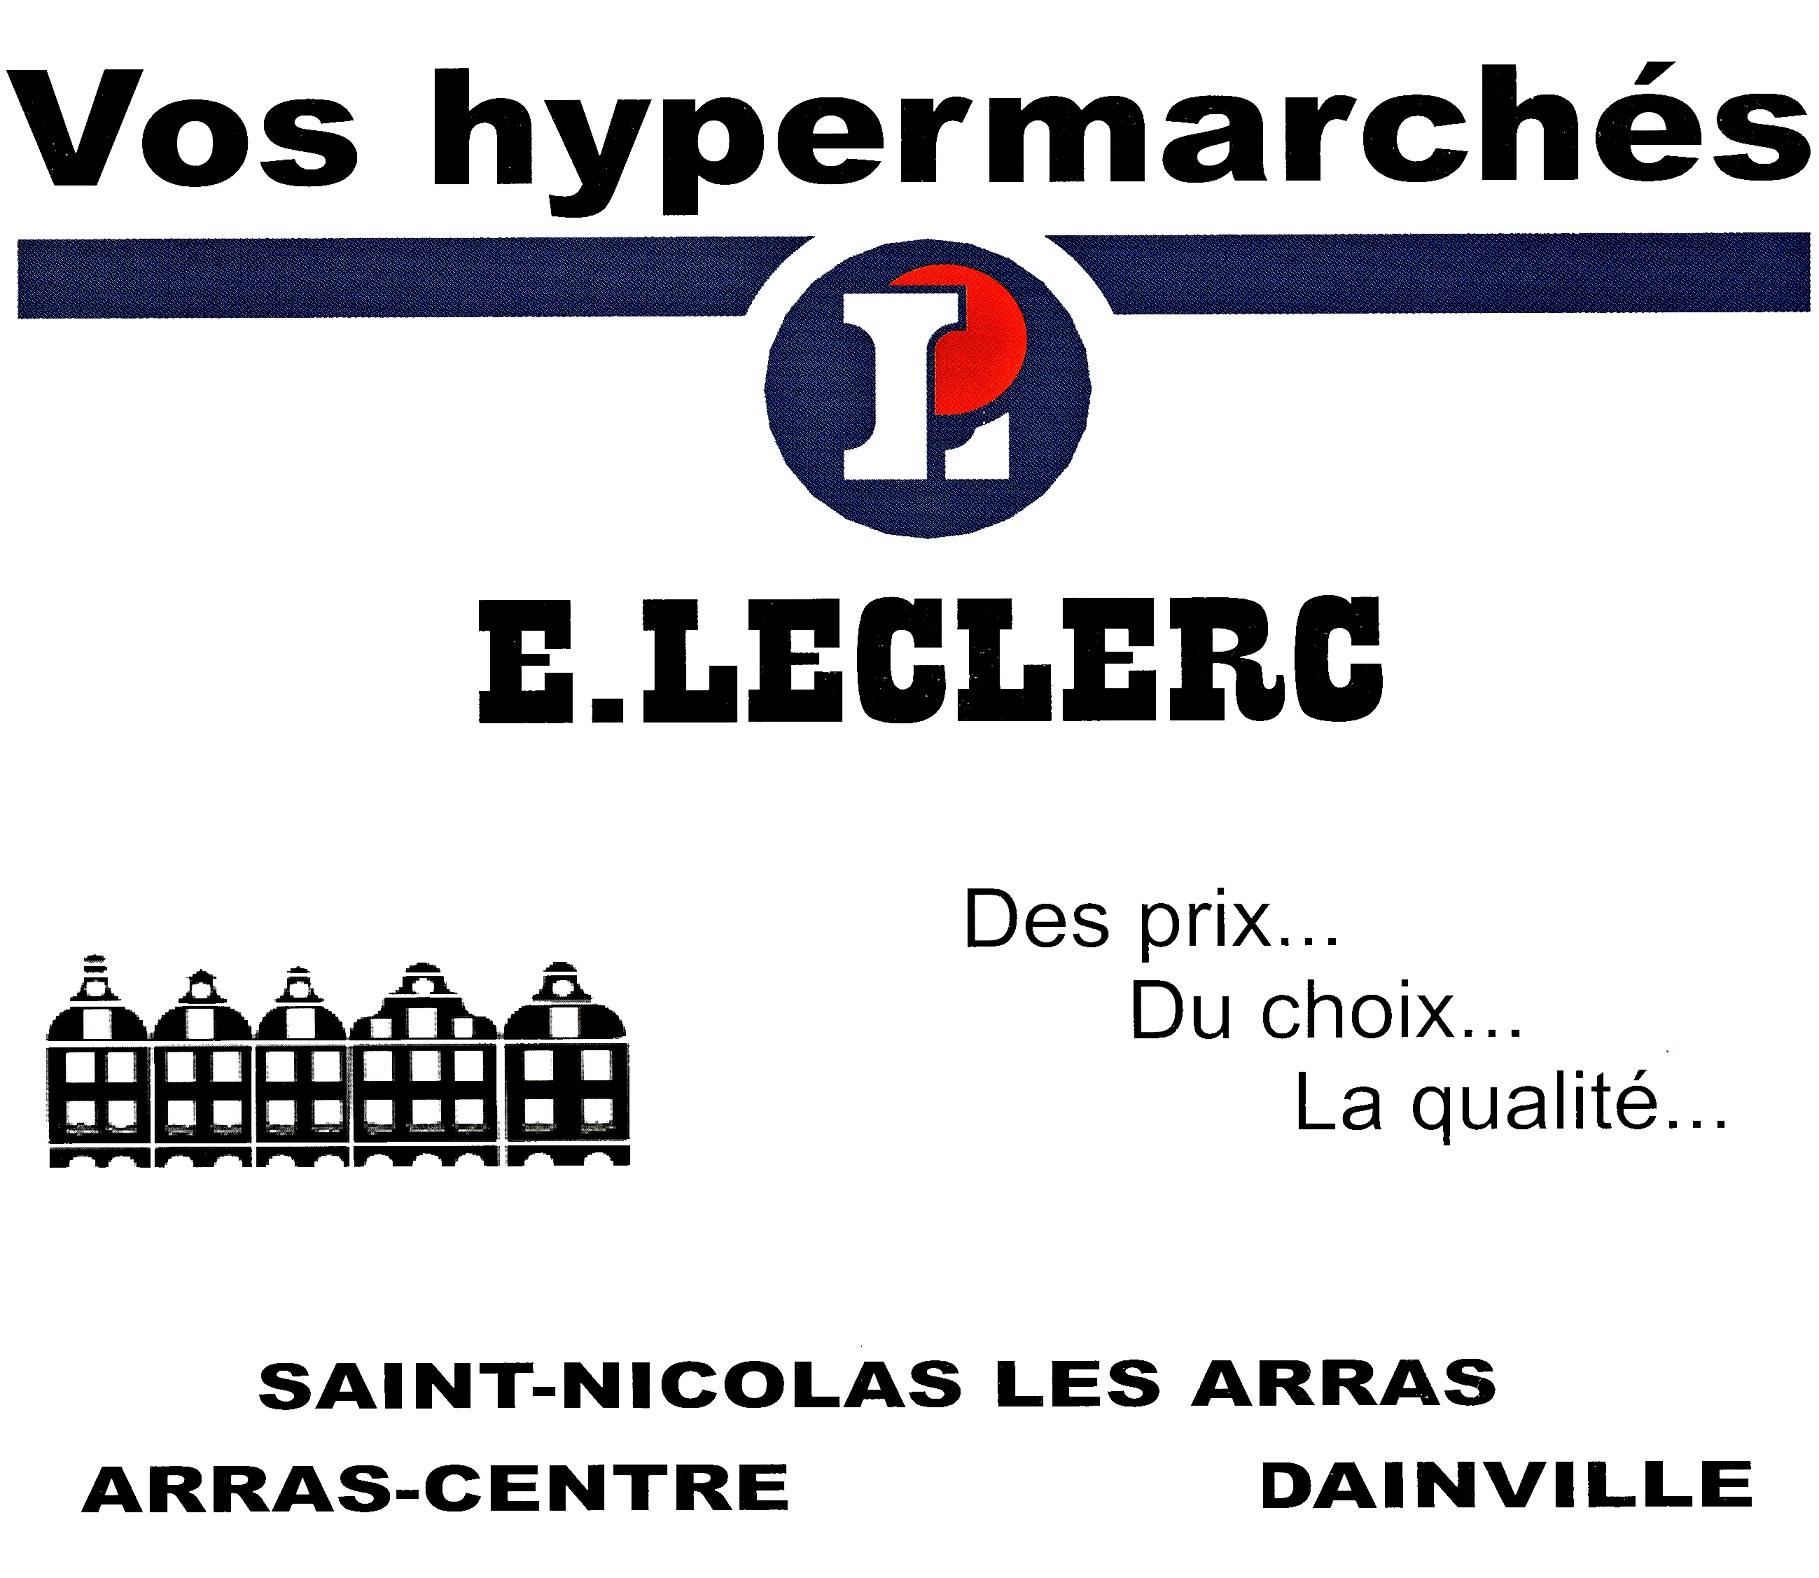 https://tti.asso.fr/wp-content/uploads/2017/04/Leclerc.jpg